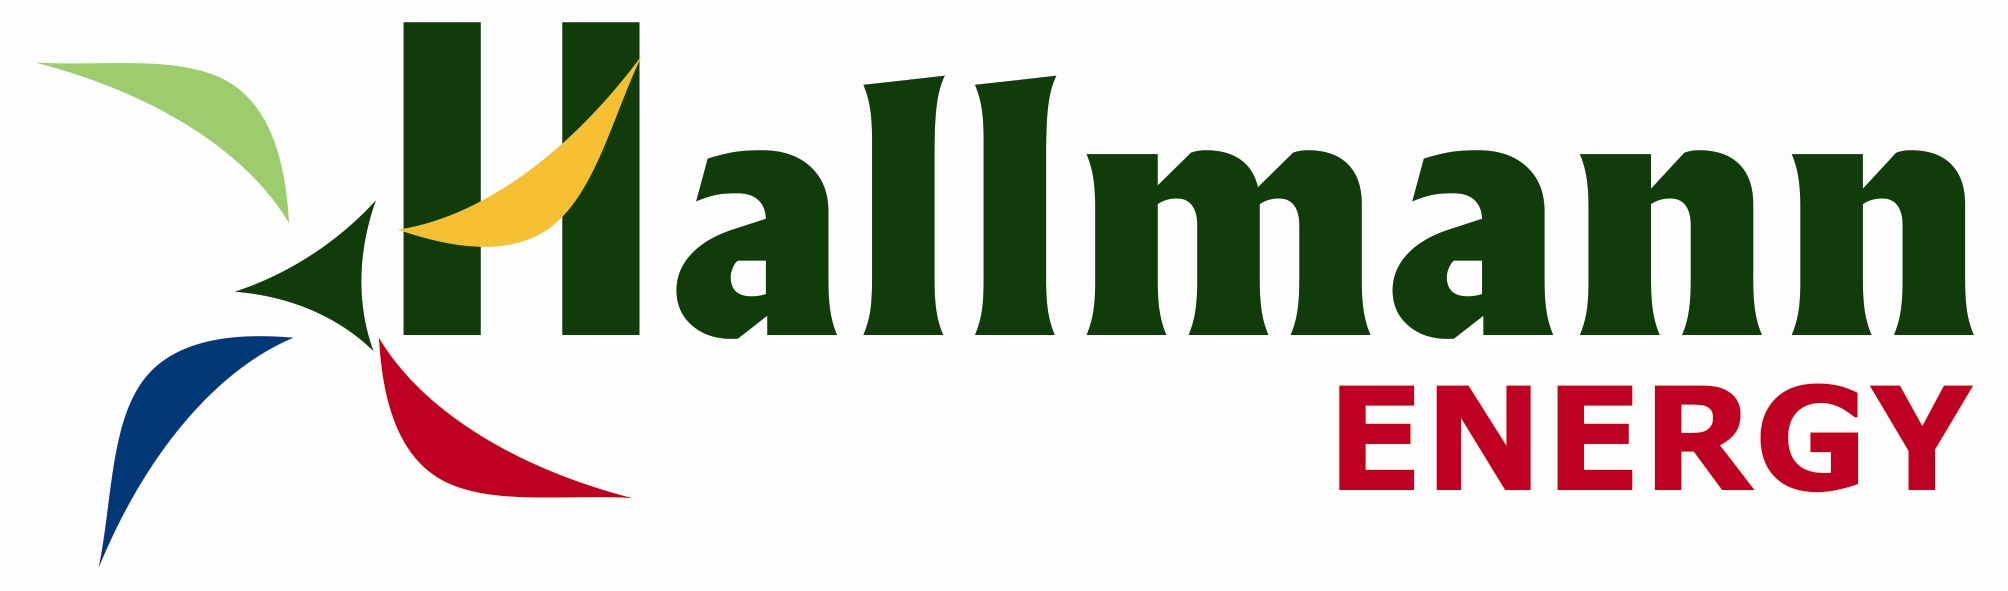 Hallmann Energie S.L.